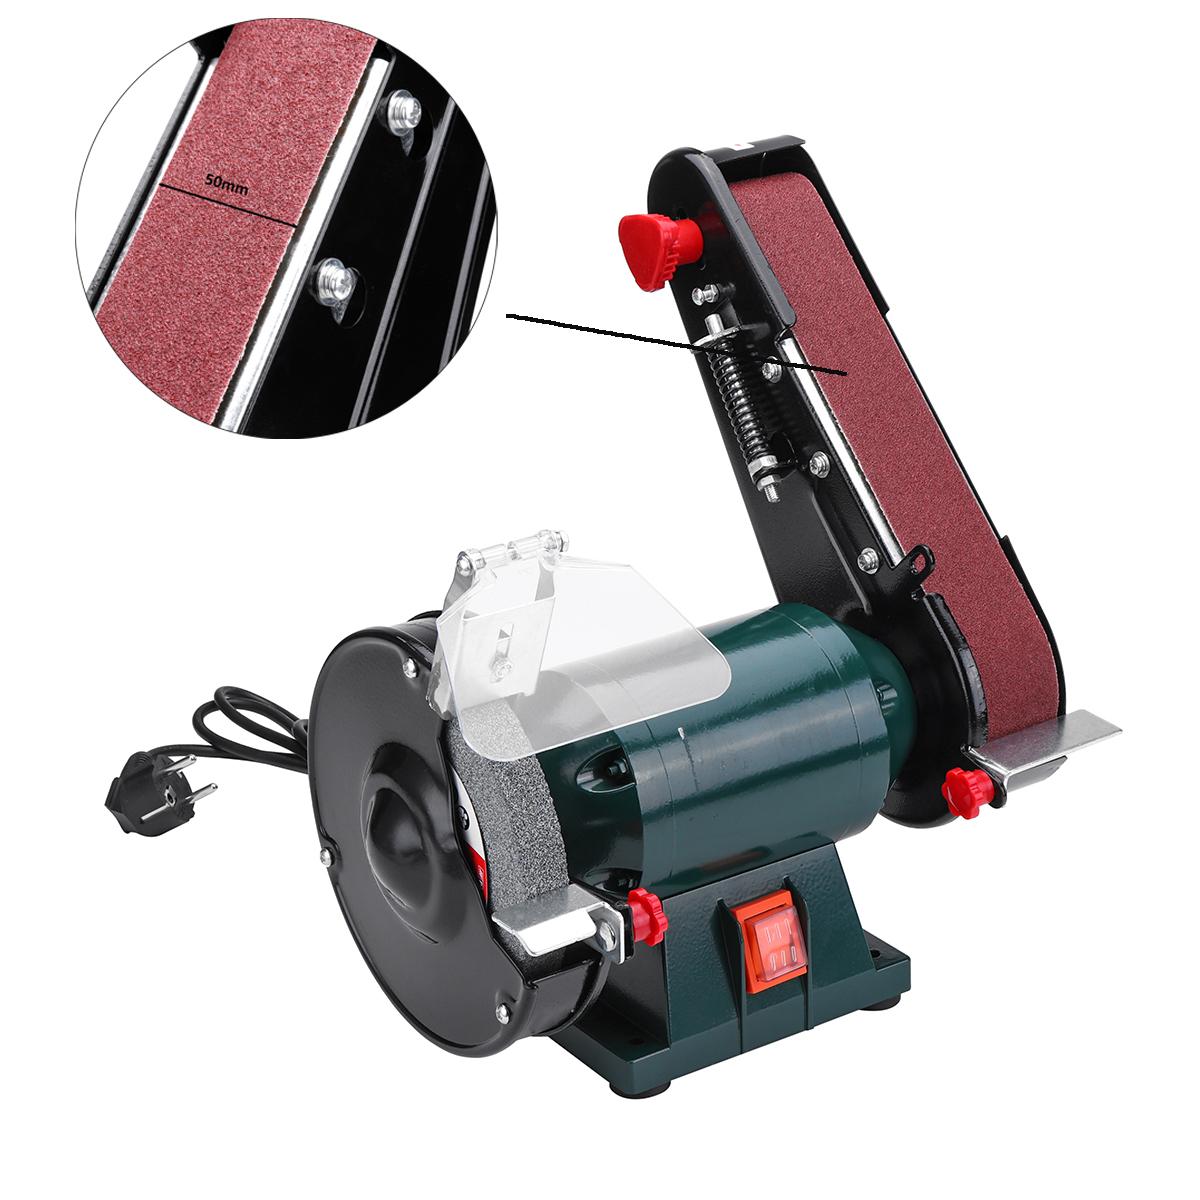 Other Gadgets 6 Inch 150mm Bench Grinder Belt Sander